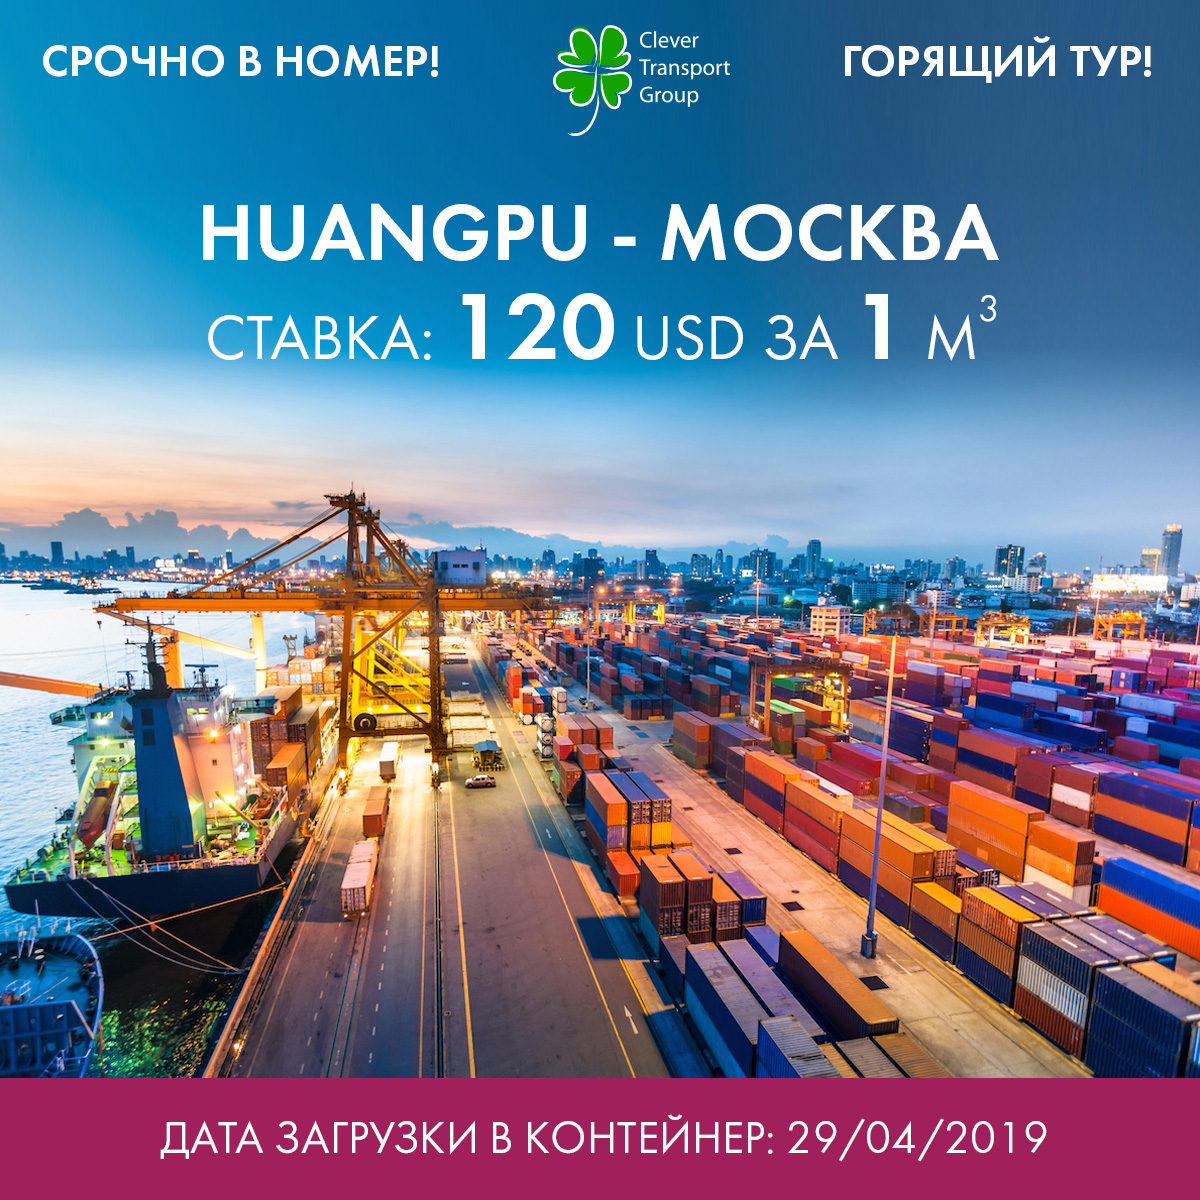 Горящий тур Huangpu-Москва по 120 USD за куб